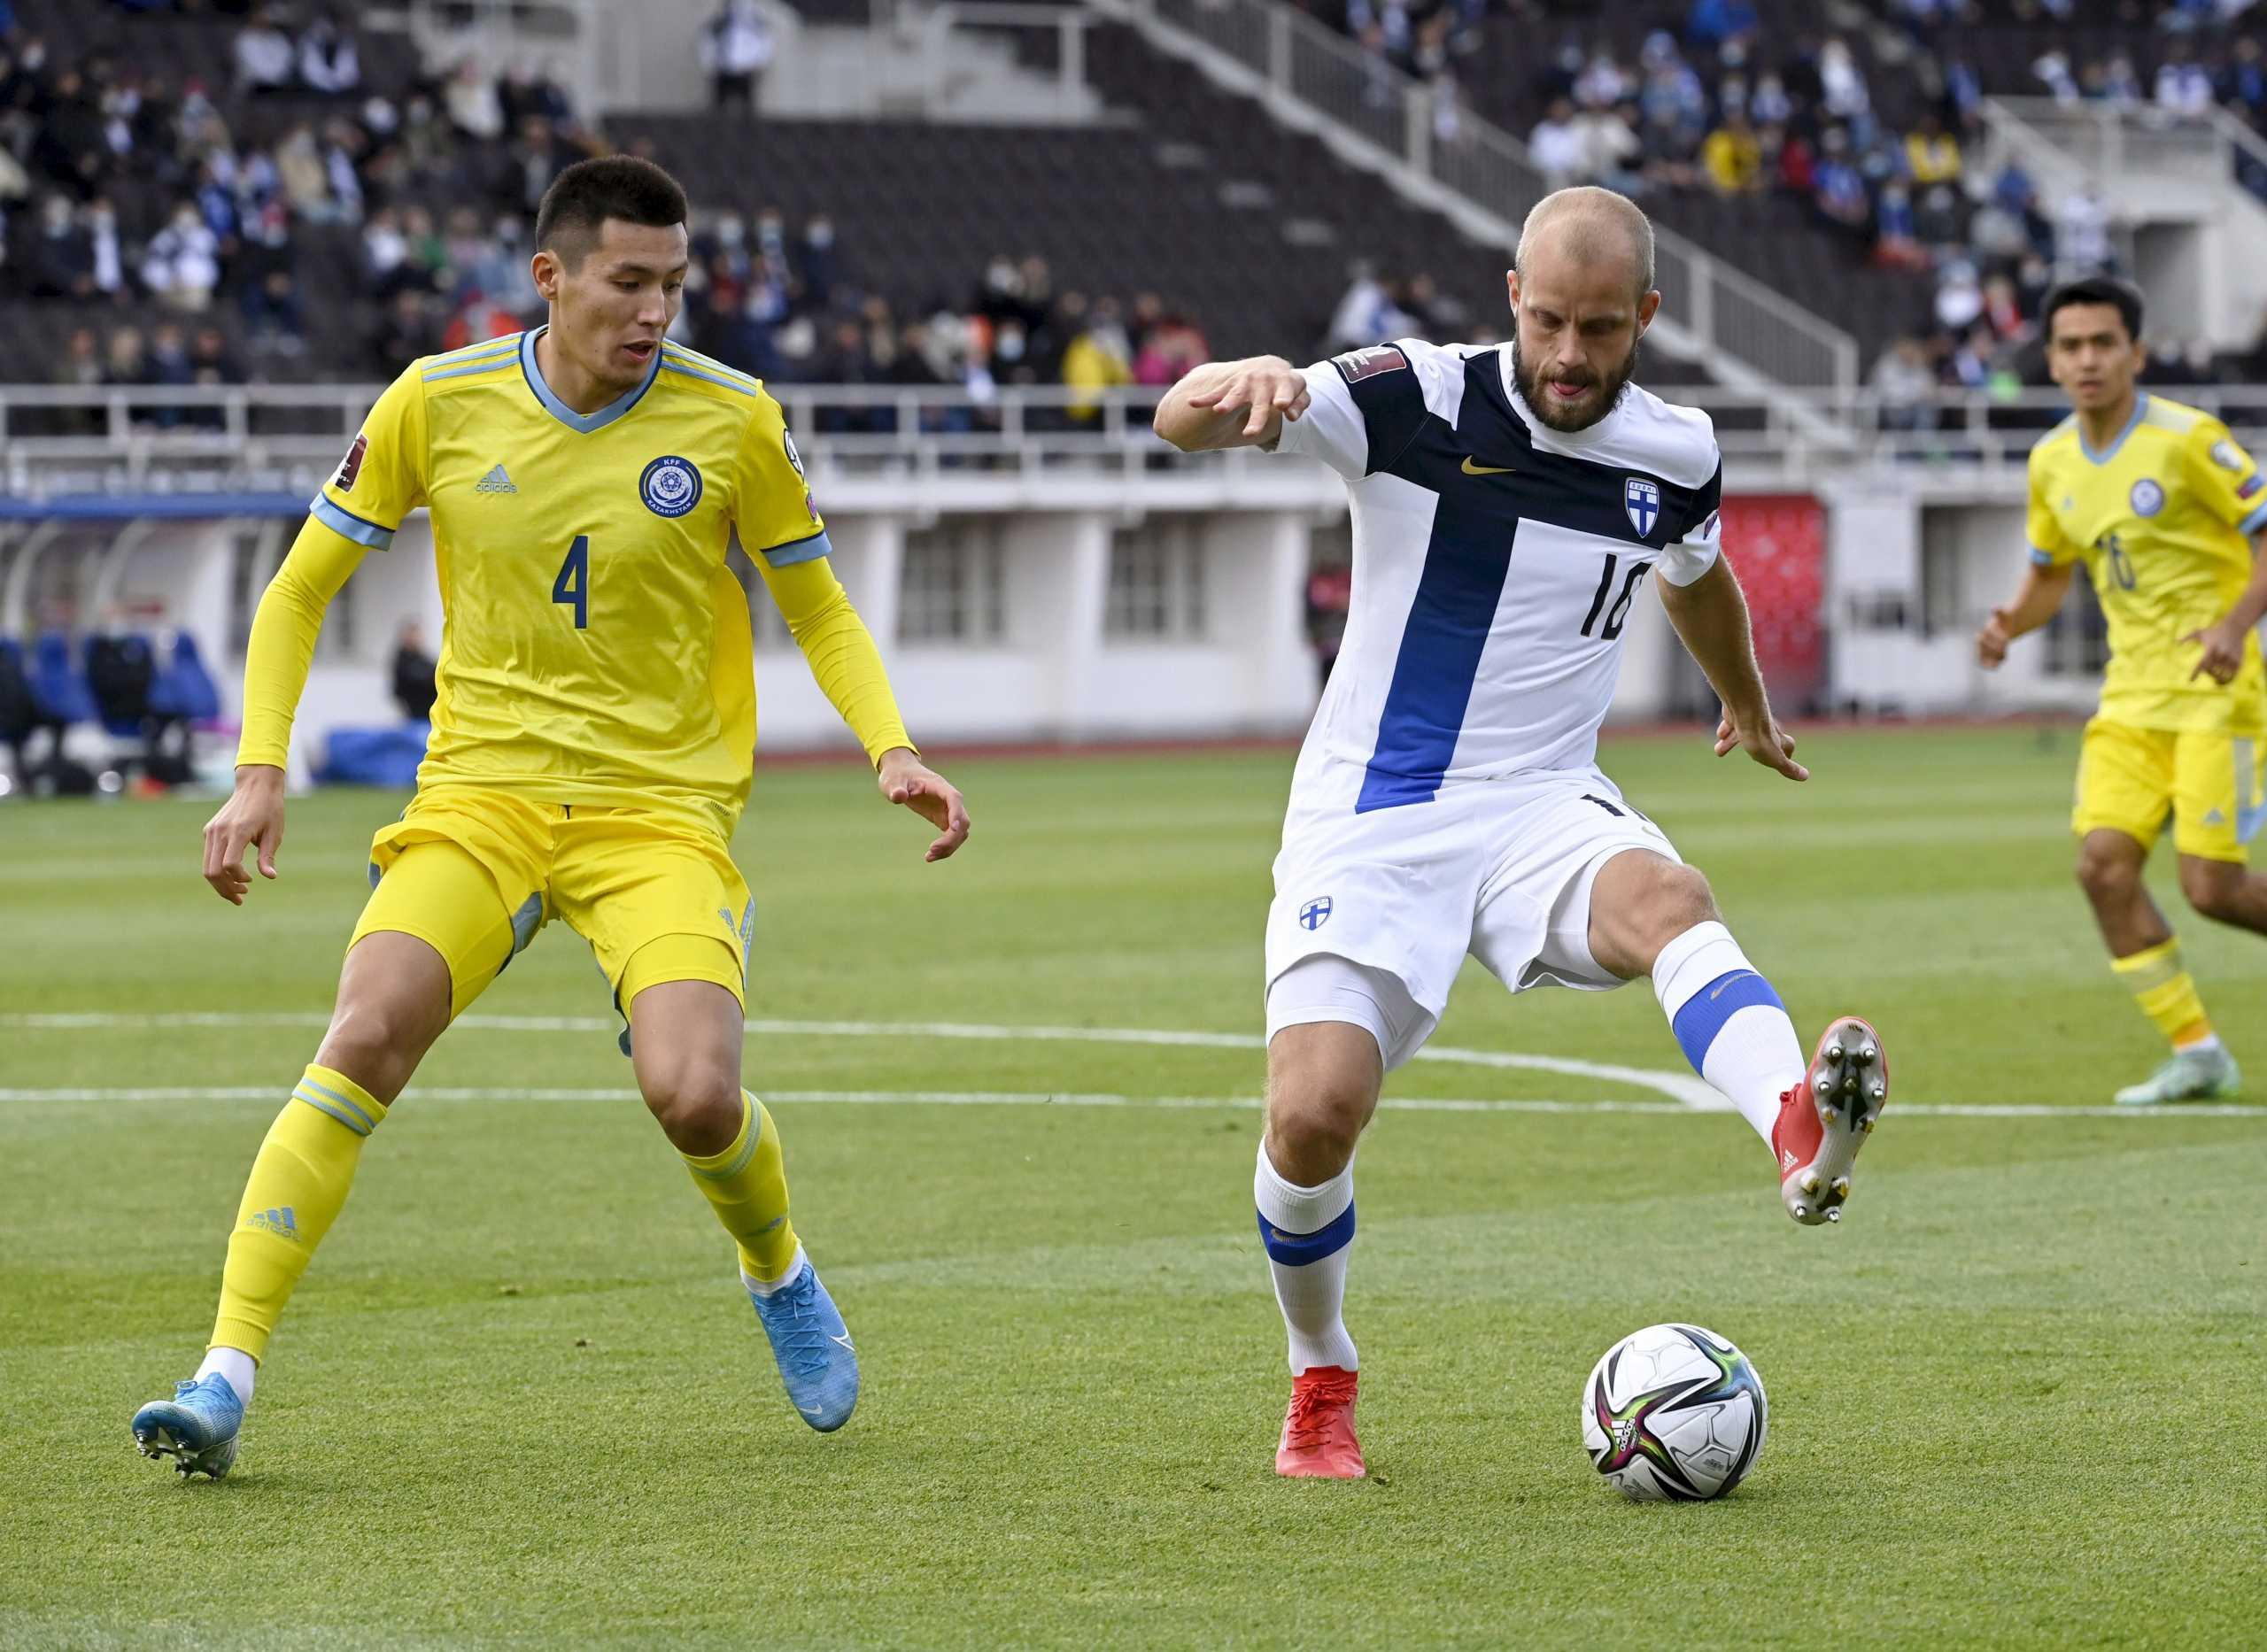 Φινλανδία – Καζακστάν 1-0: Πρώτη νίκη στα προκριματικά του Παγκοσμίου Κυπέλλου